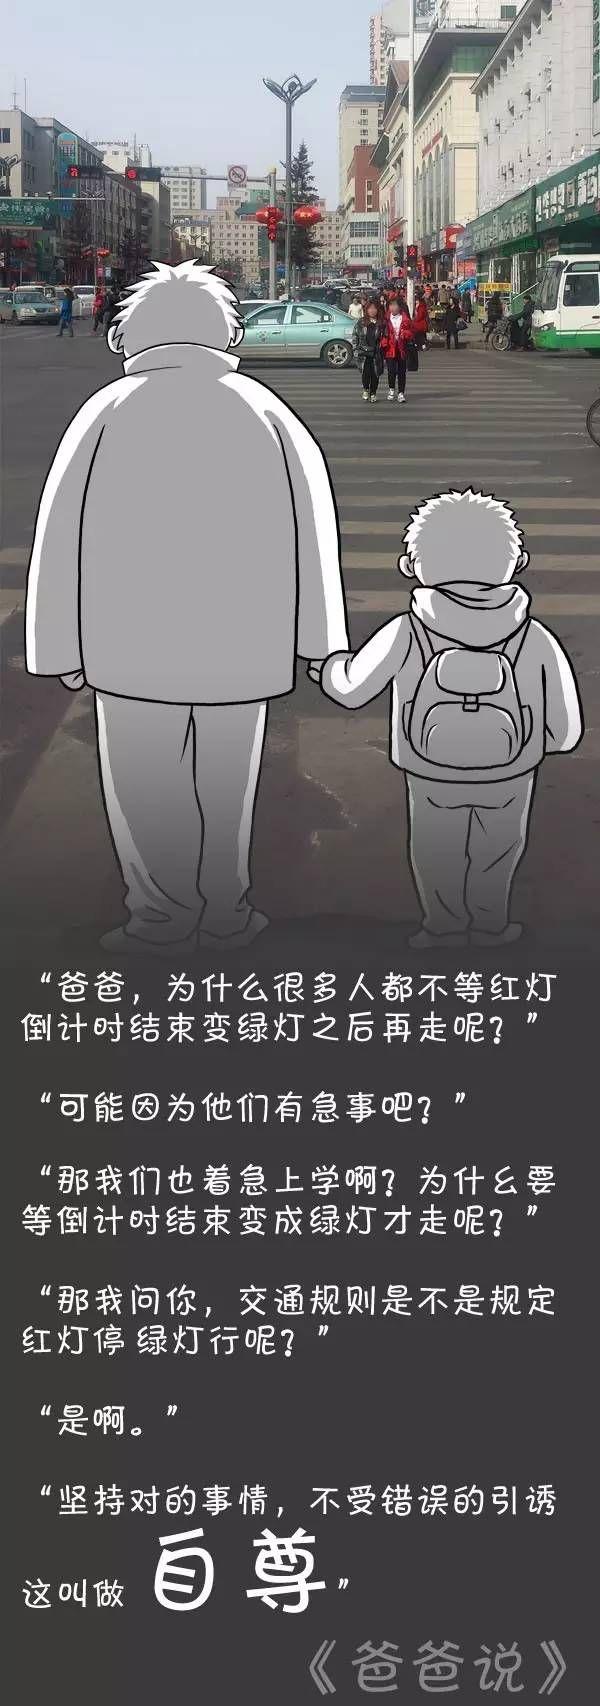 爸爸,一个人越有钱越了不起是吗